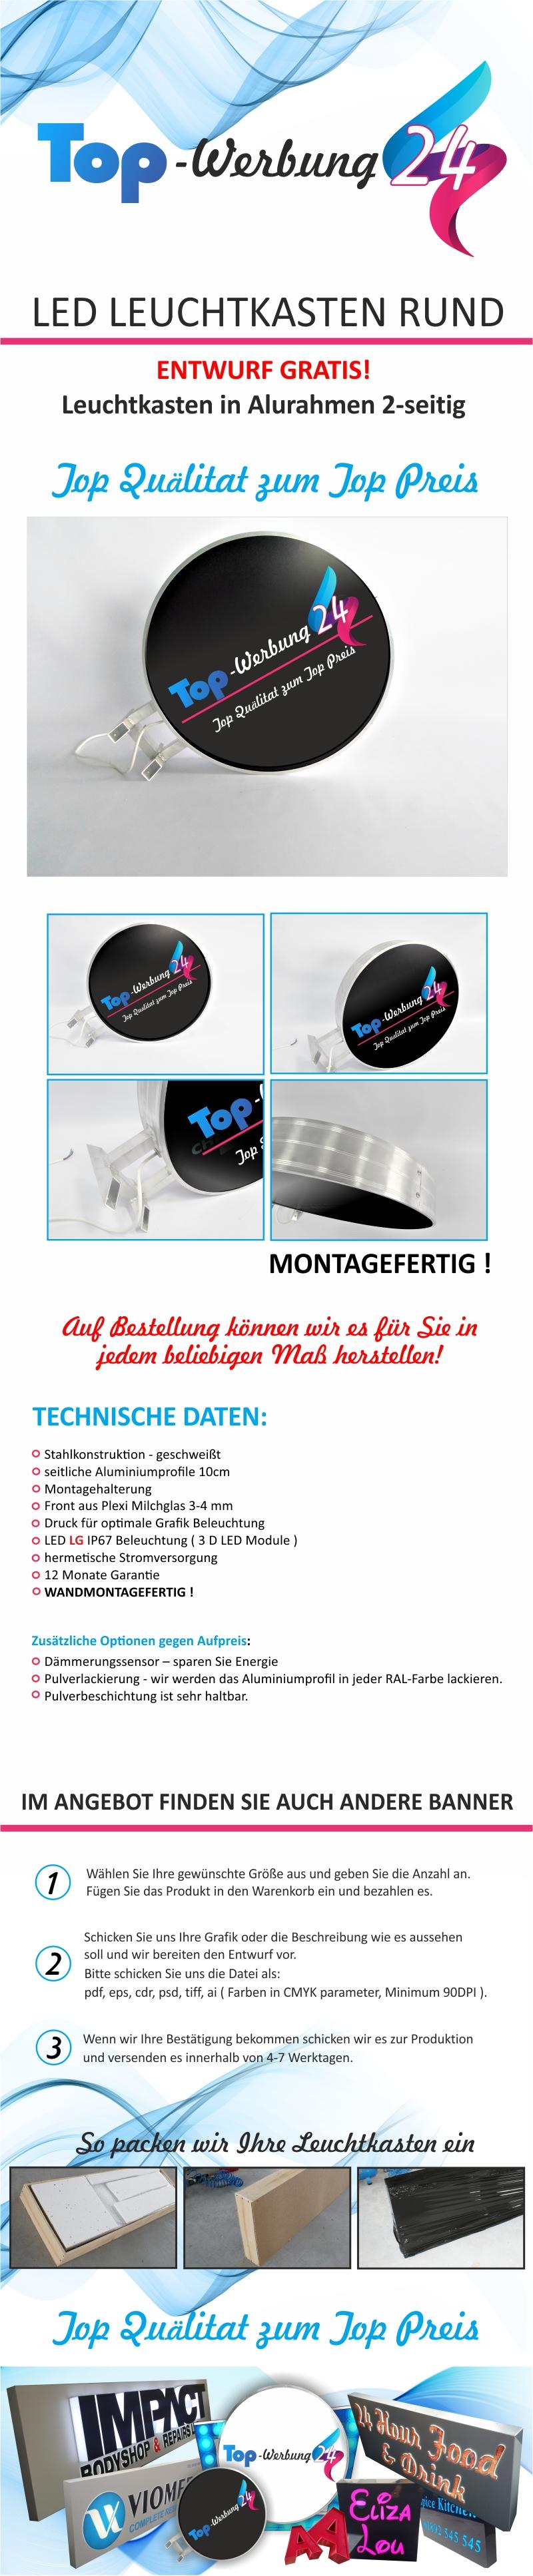 Werbebanner Festsetzung Der Preise Nach ProduktqualitäT Ösenpresse 1000 Ösen V2a 10mm Nach Din 7332 F Federschlagpresse